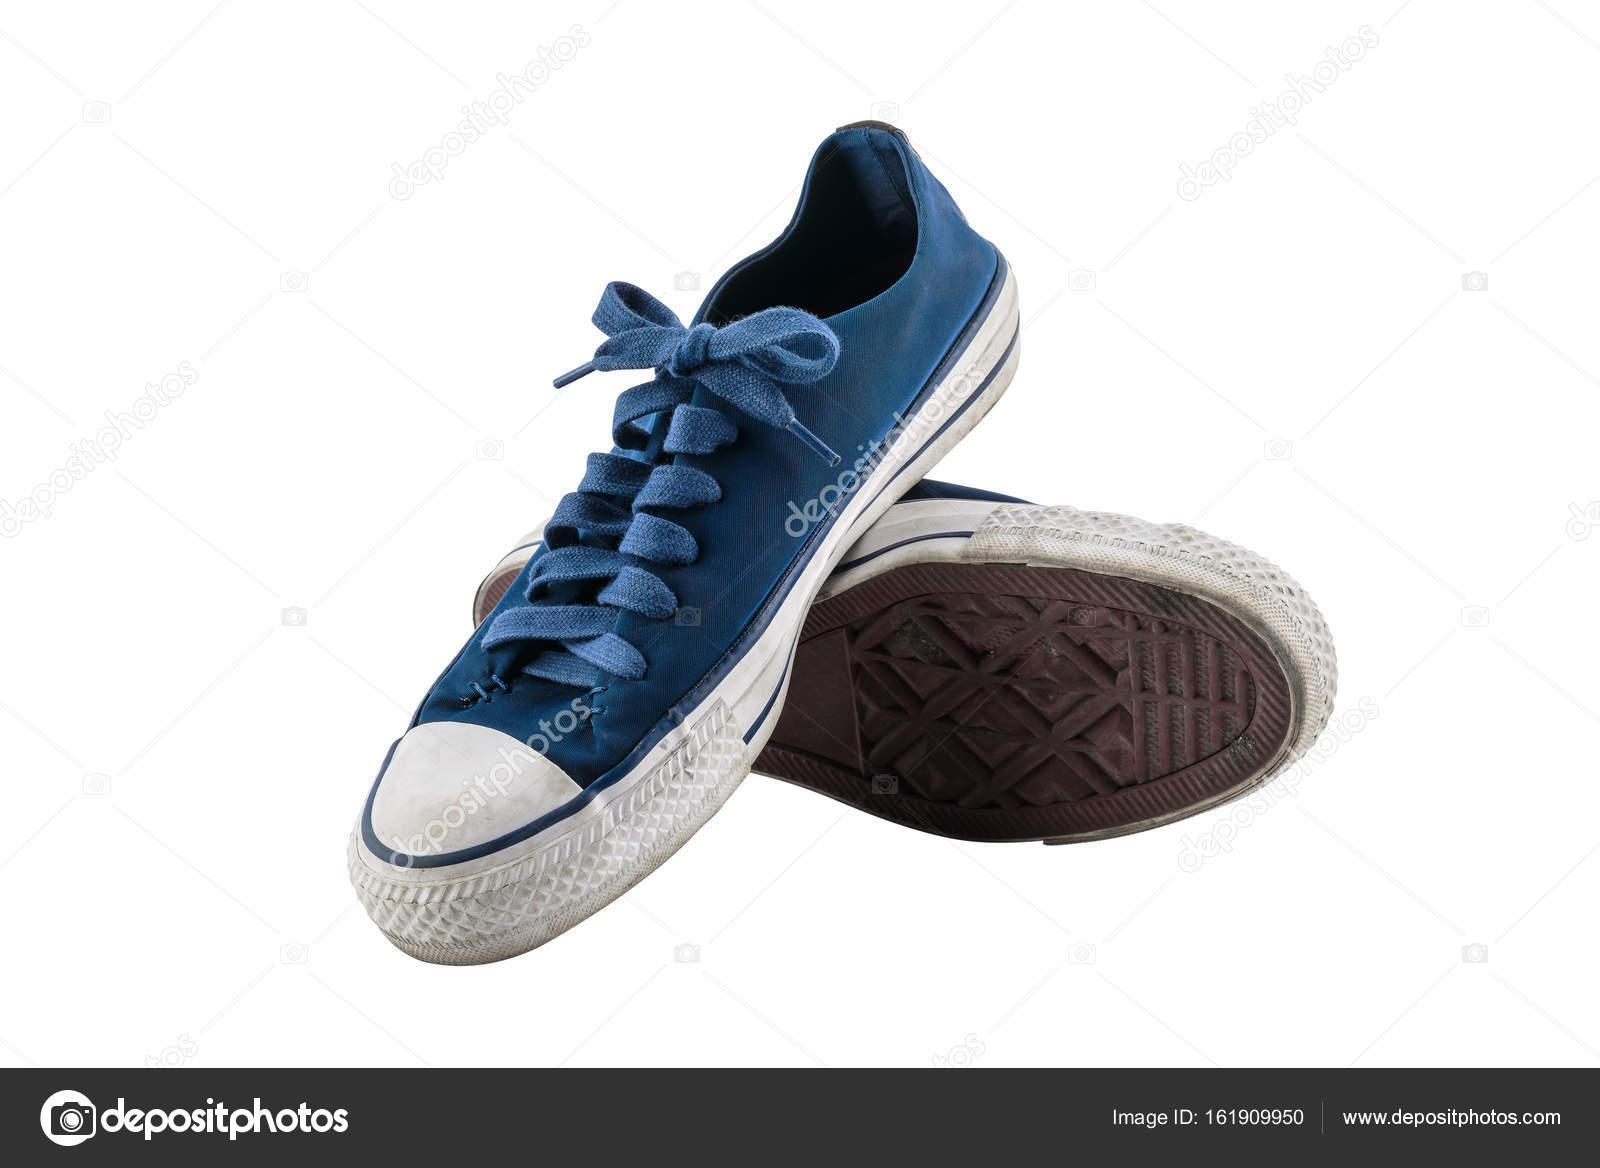 b42fed7f85b62 Blaue Leinenschuhe isoliert auf weißem Hintergrund — Stockfoto ...